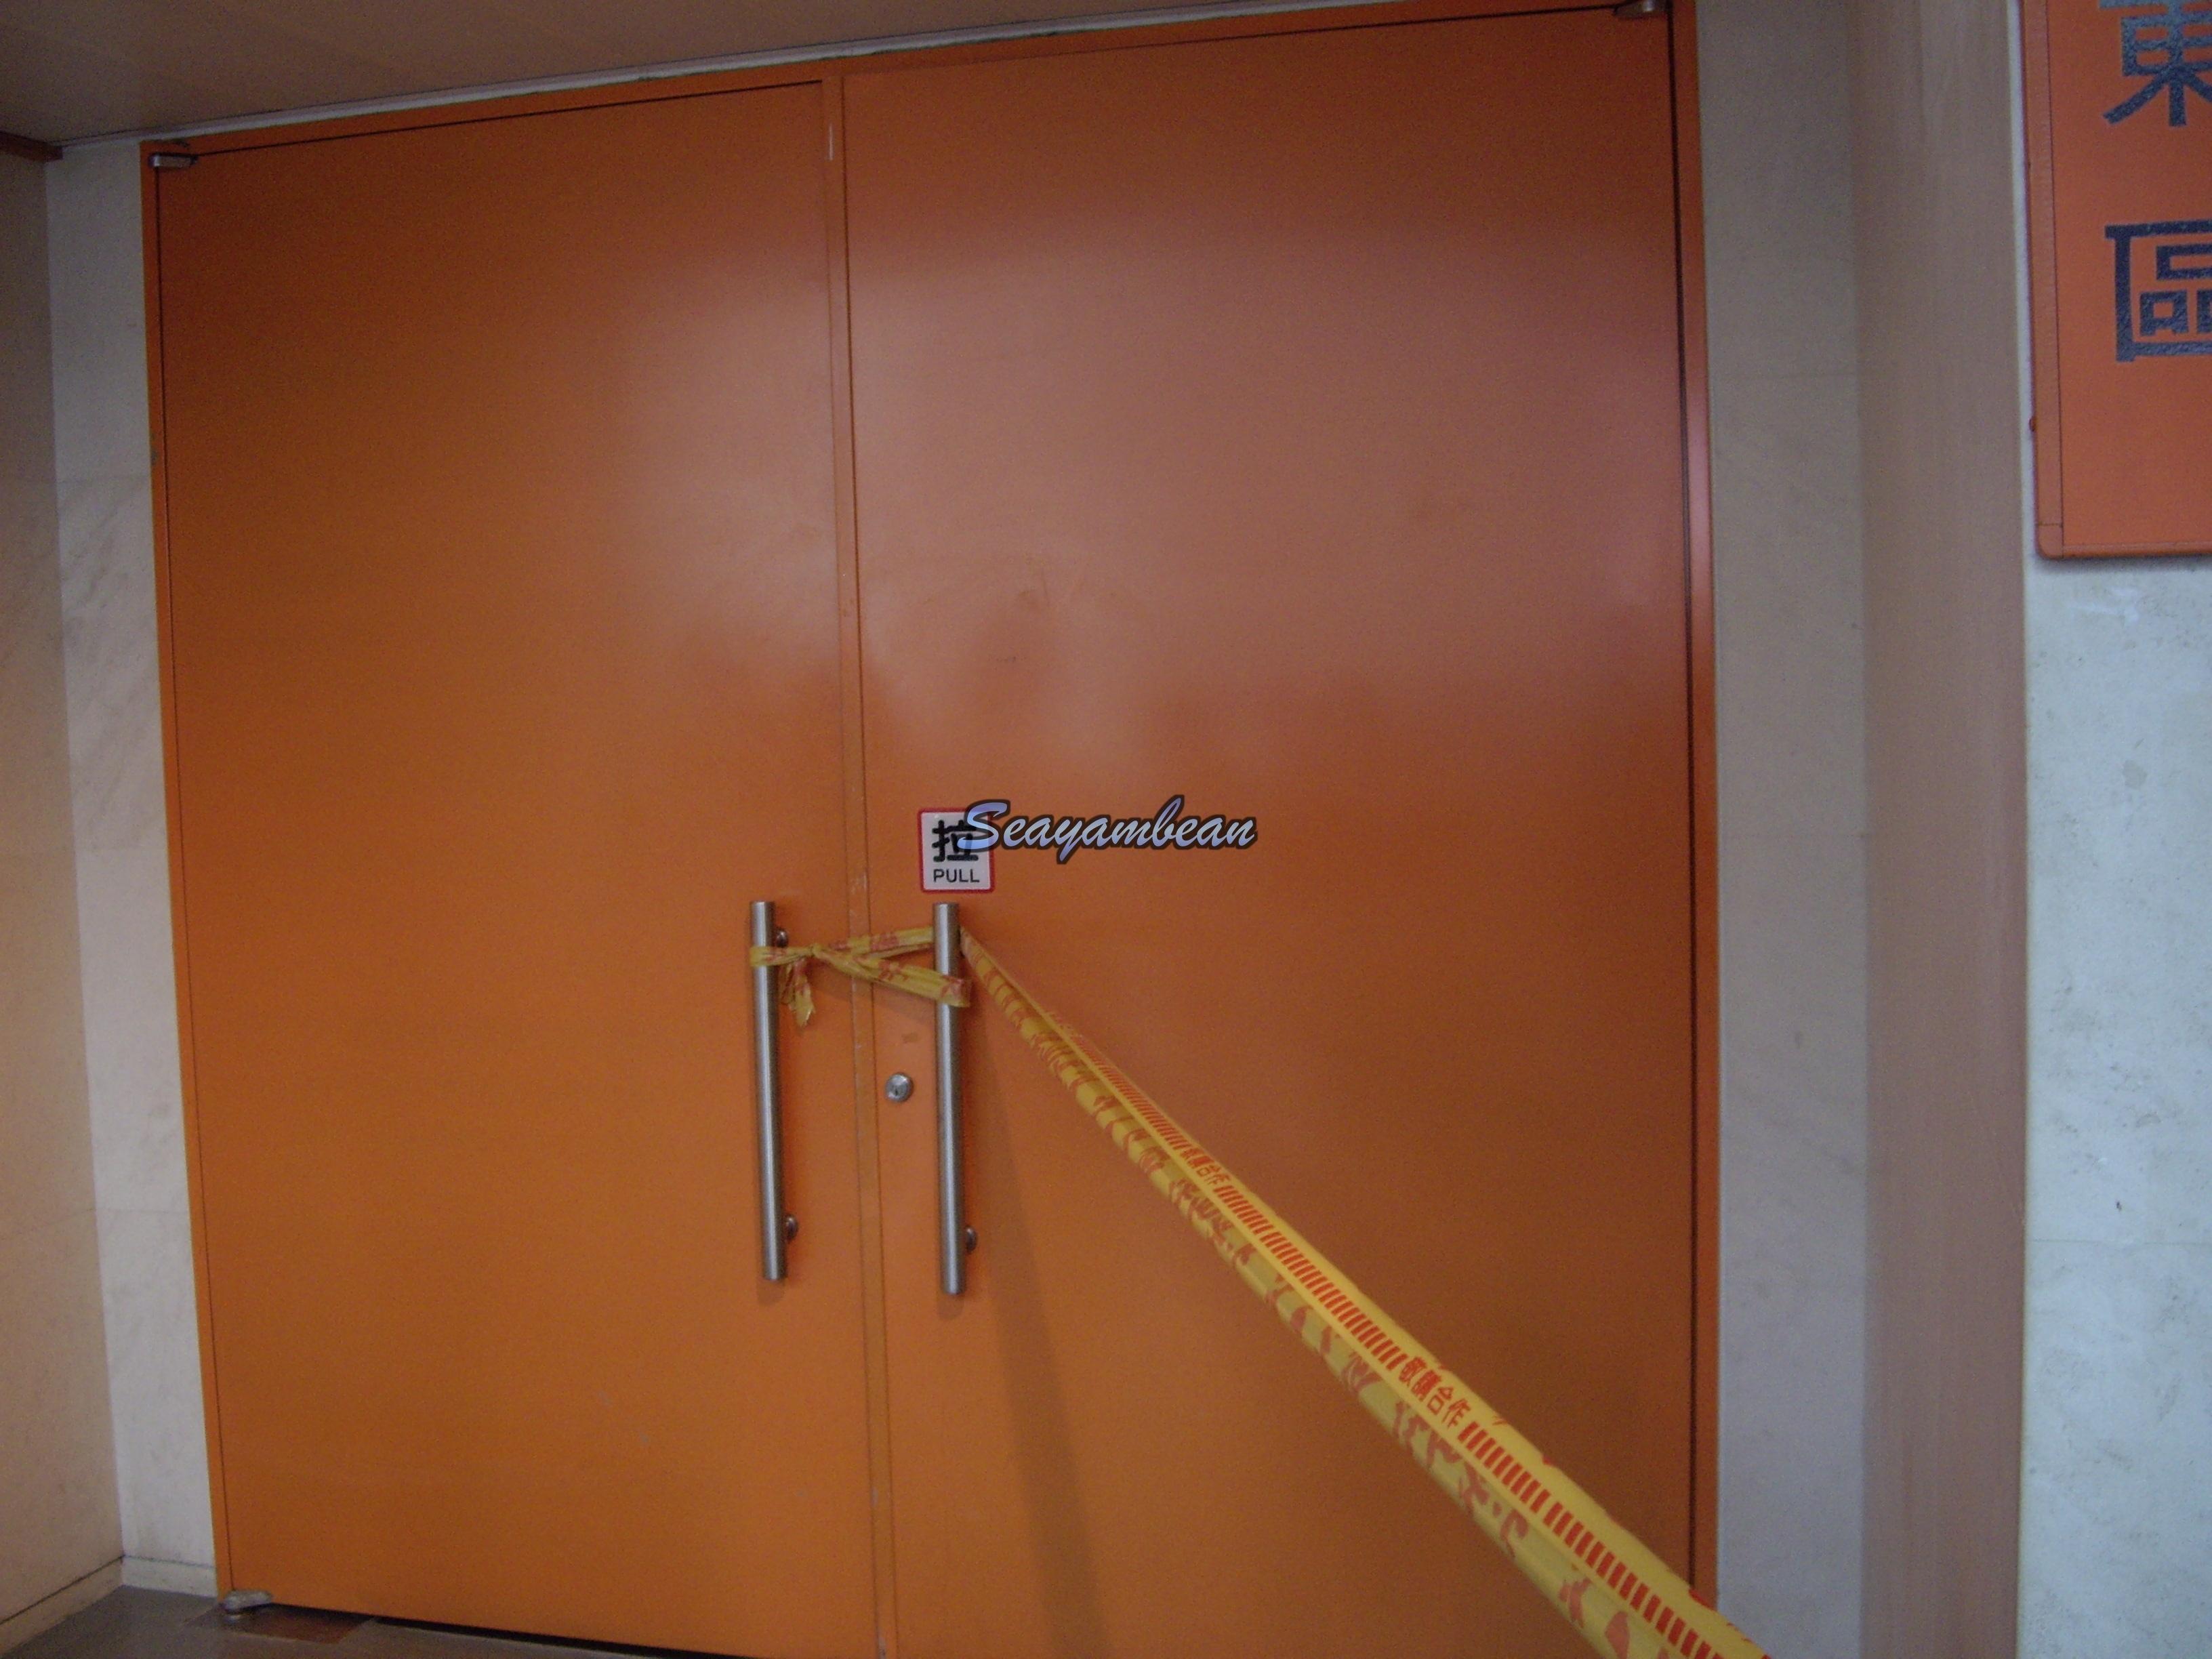 就是這扇門後有鳥寶彩排.JPG